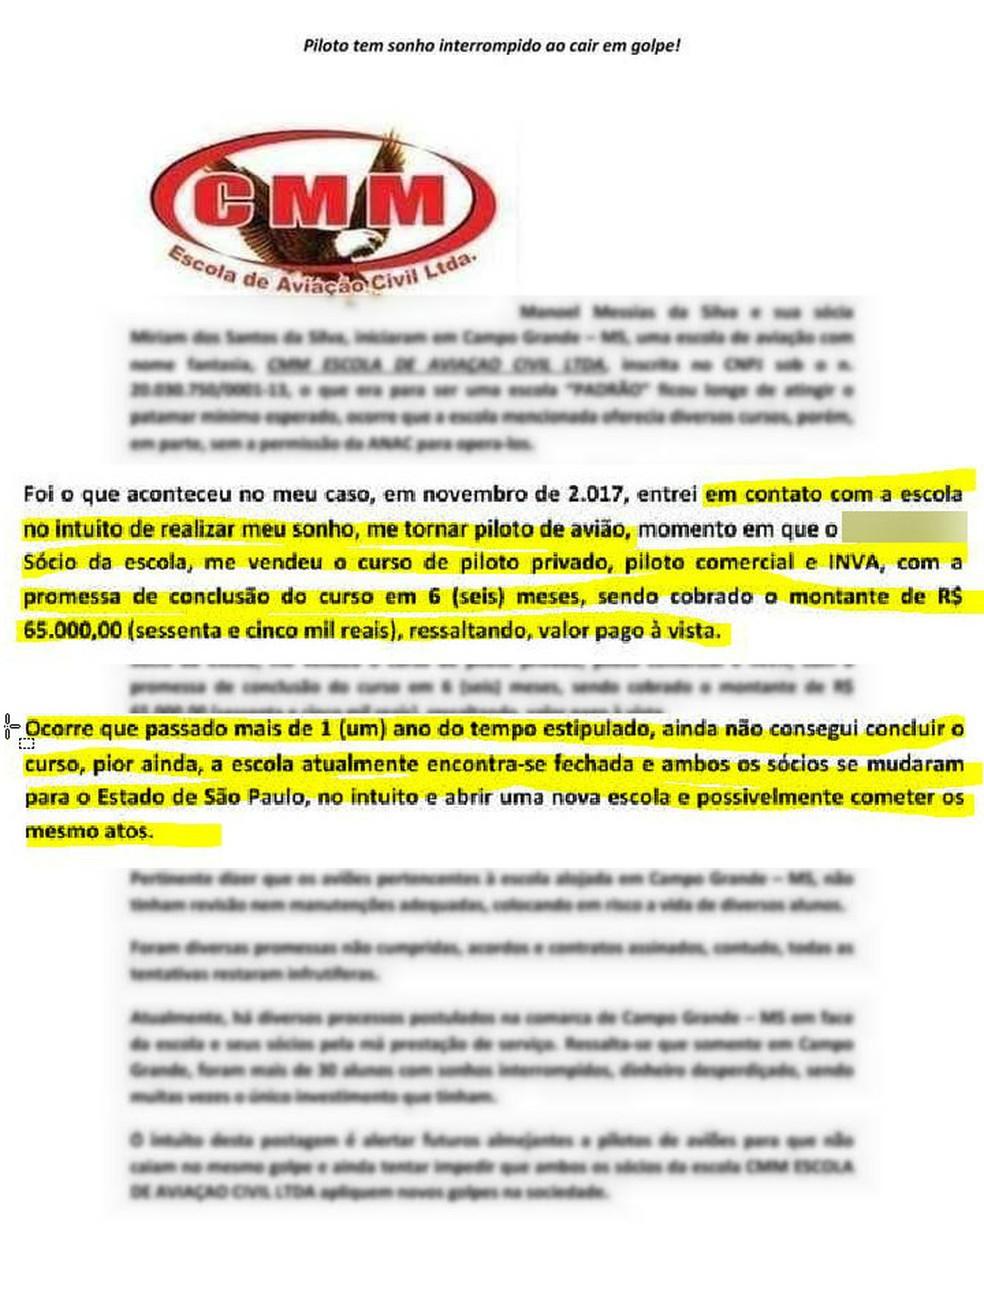 Pilotos fizeram documento e divulgaram nas redes sociais falando dos prejuízos com escola de aviação em MS — Foto: Polícia Civil/Divulgação